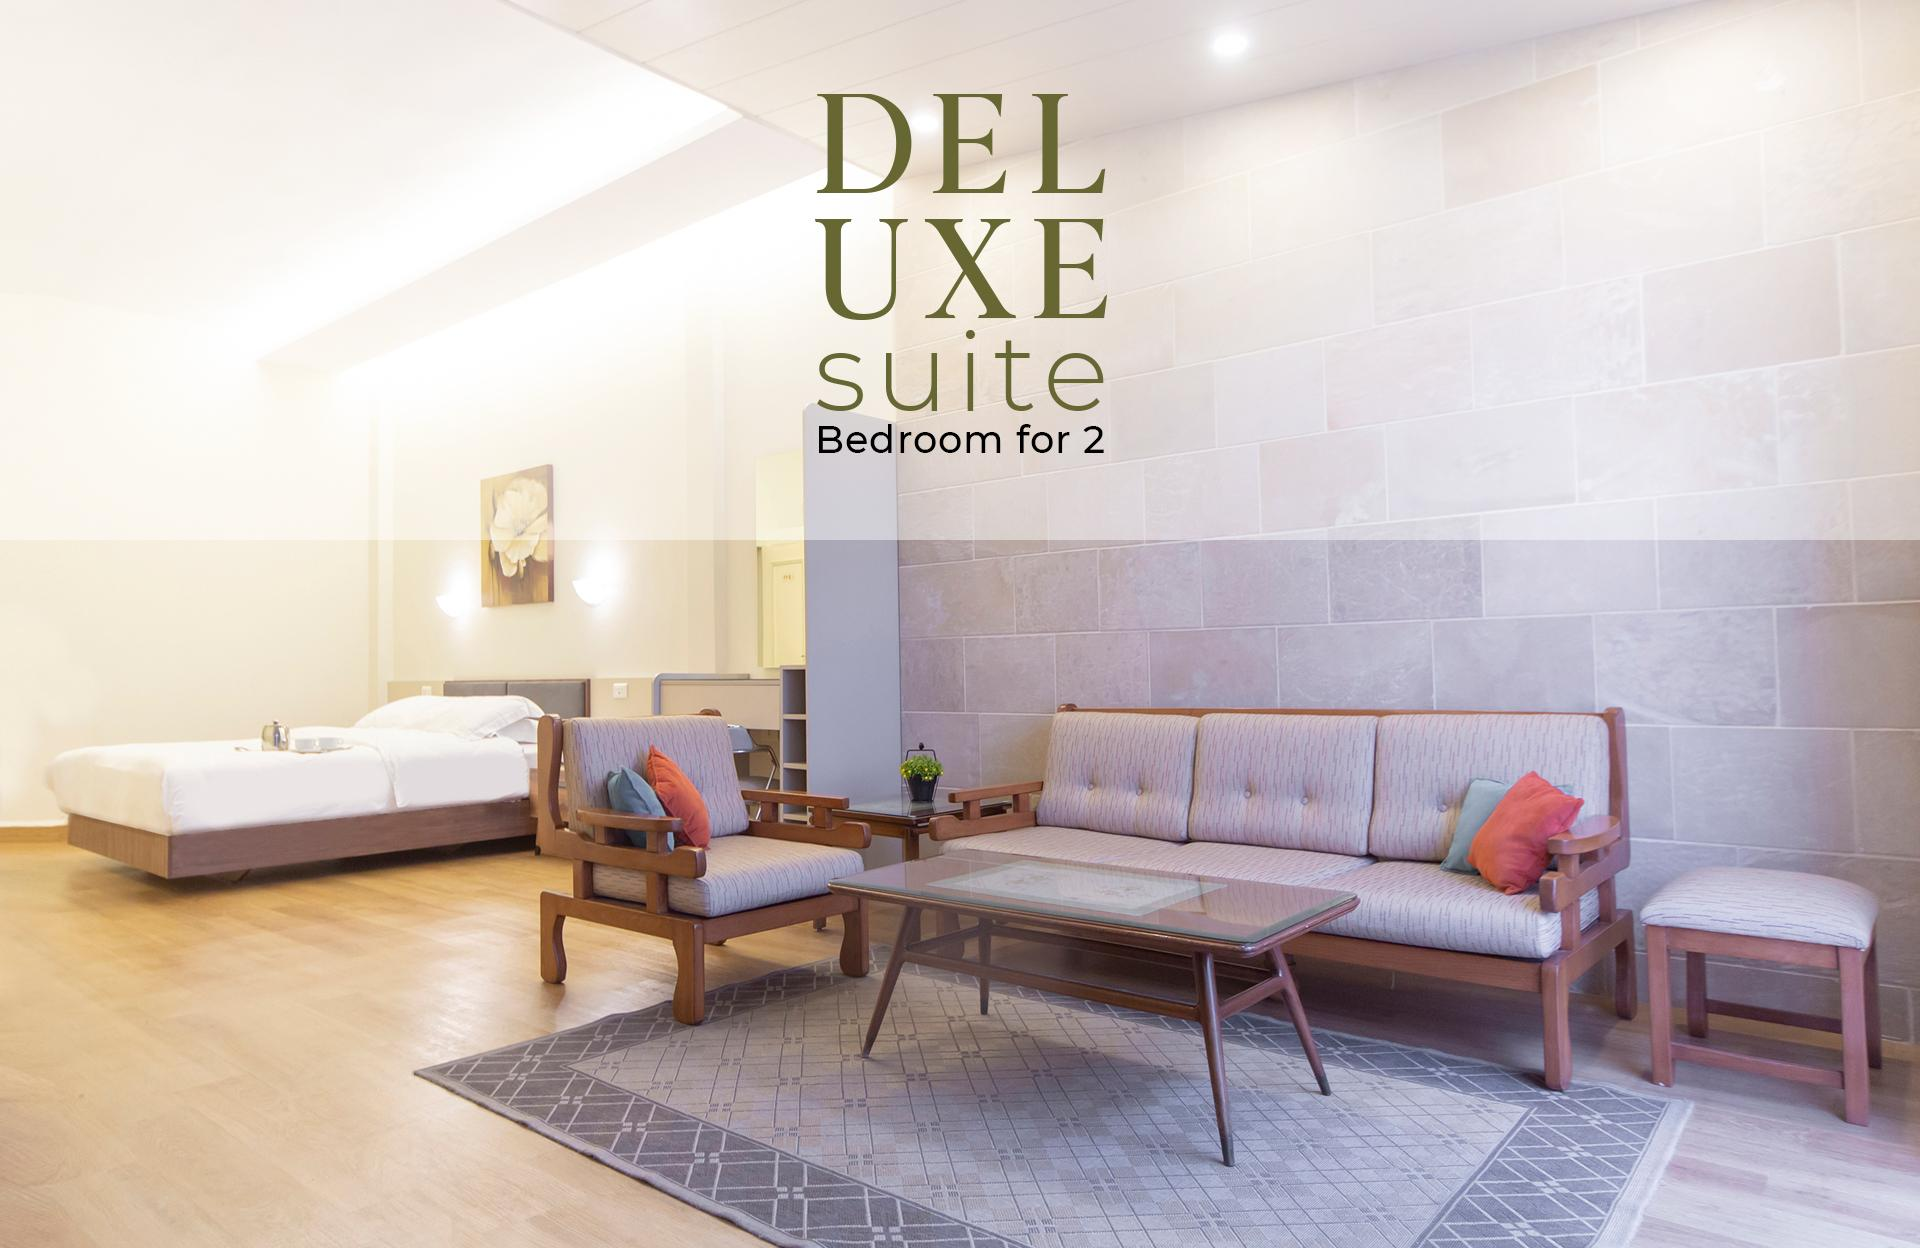 Deluxe Suite Main